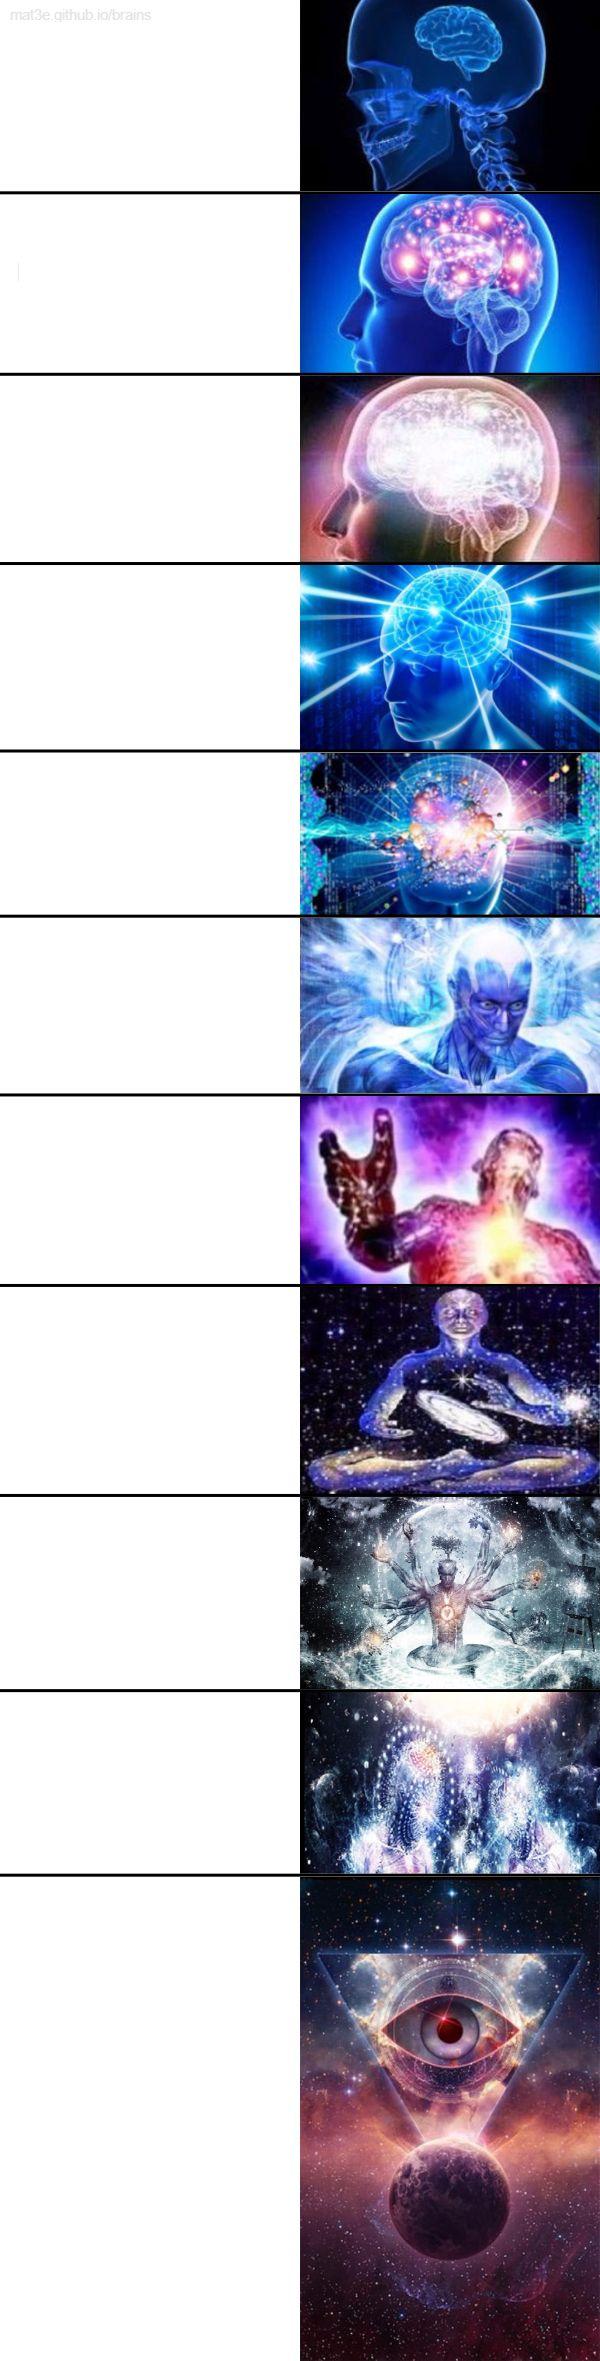 extended expanding brain meme template